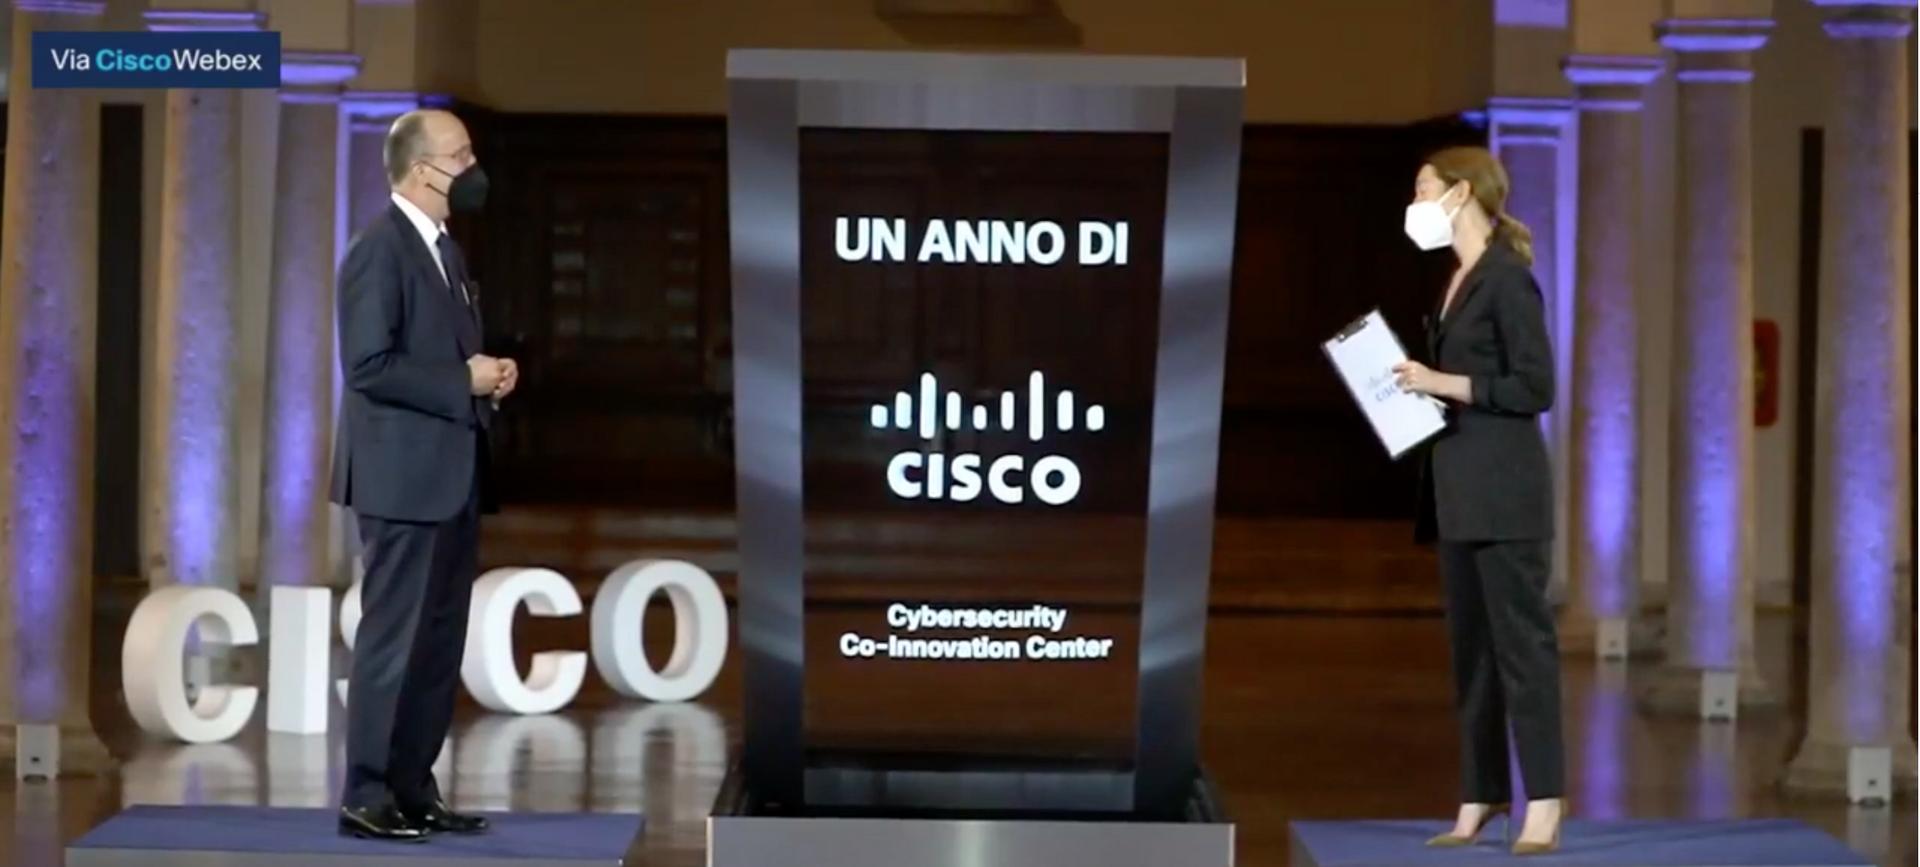 Naumachia protagonista al primo anniversario del Cisco Cybersecurity Co-Innovation Center